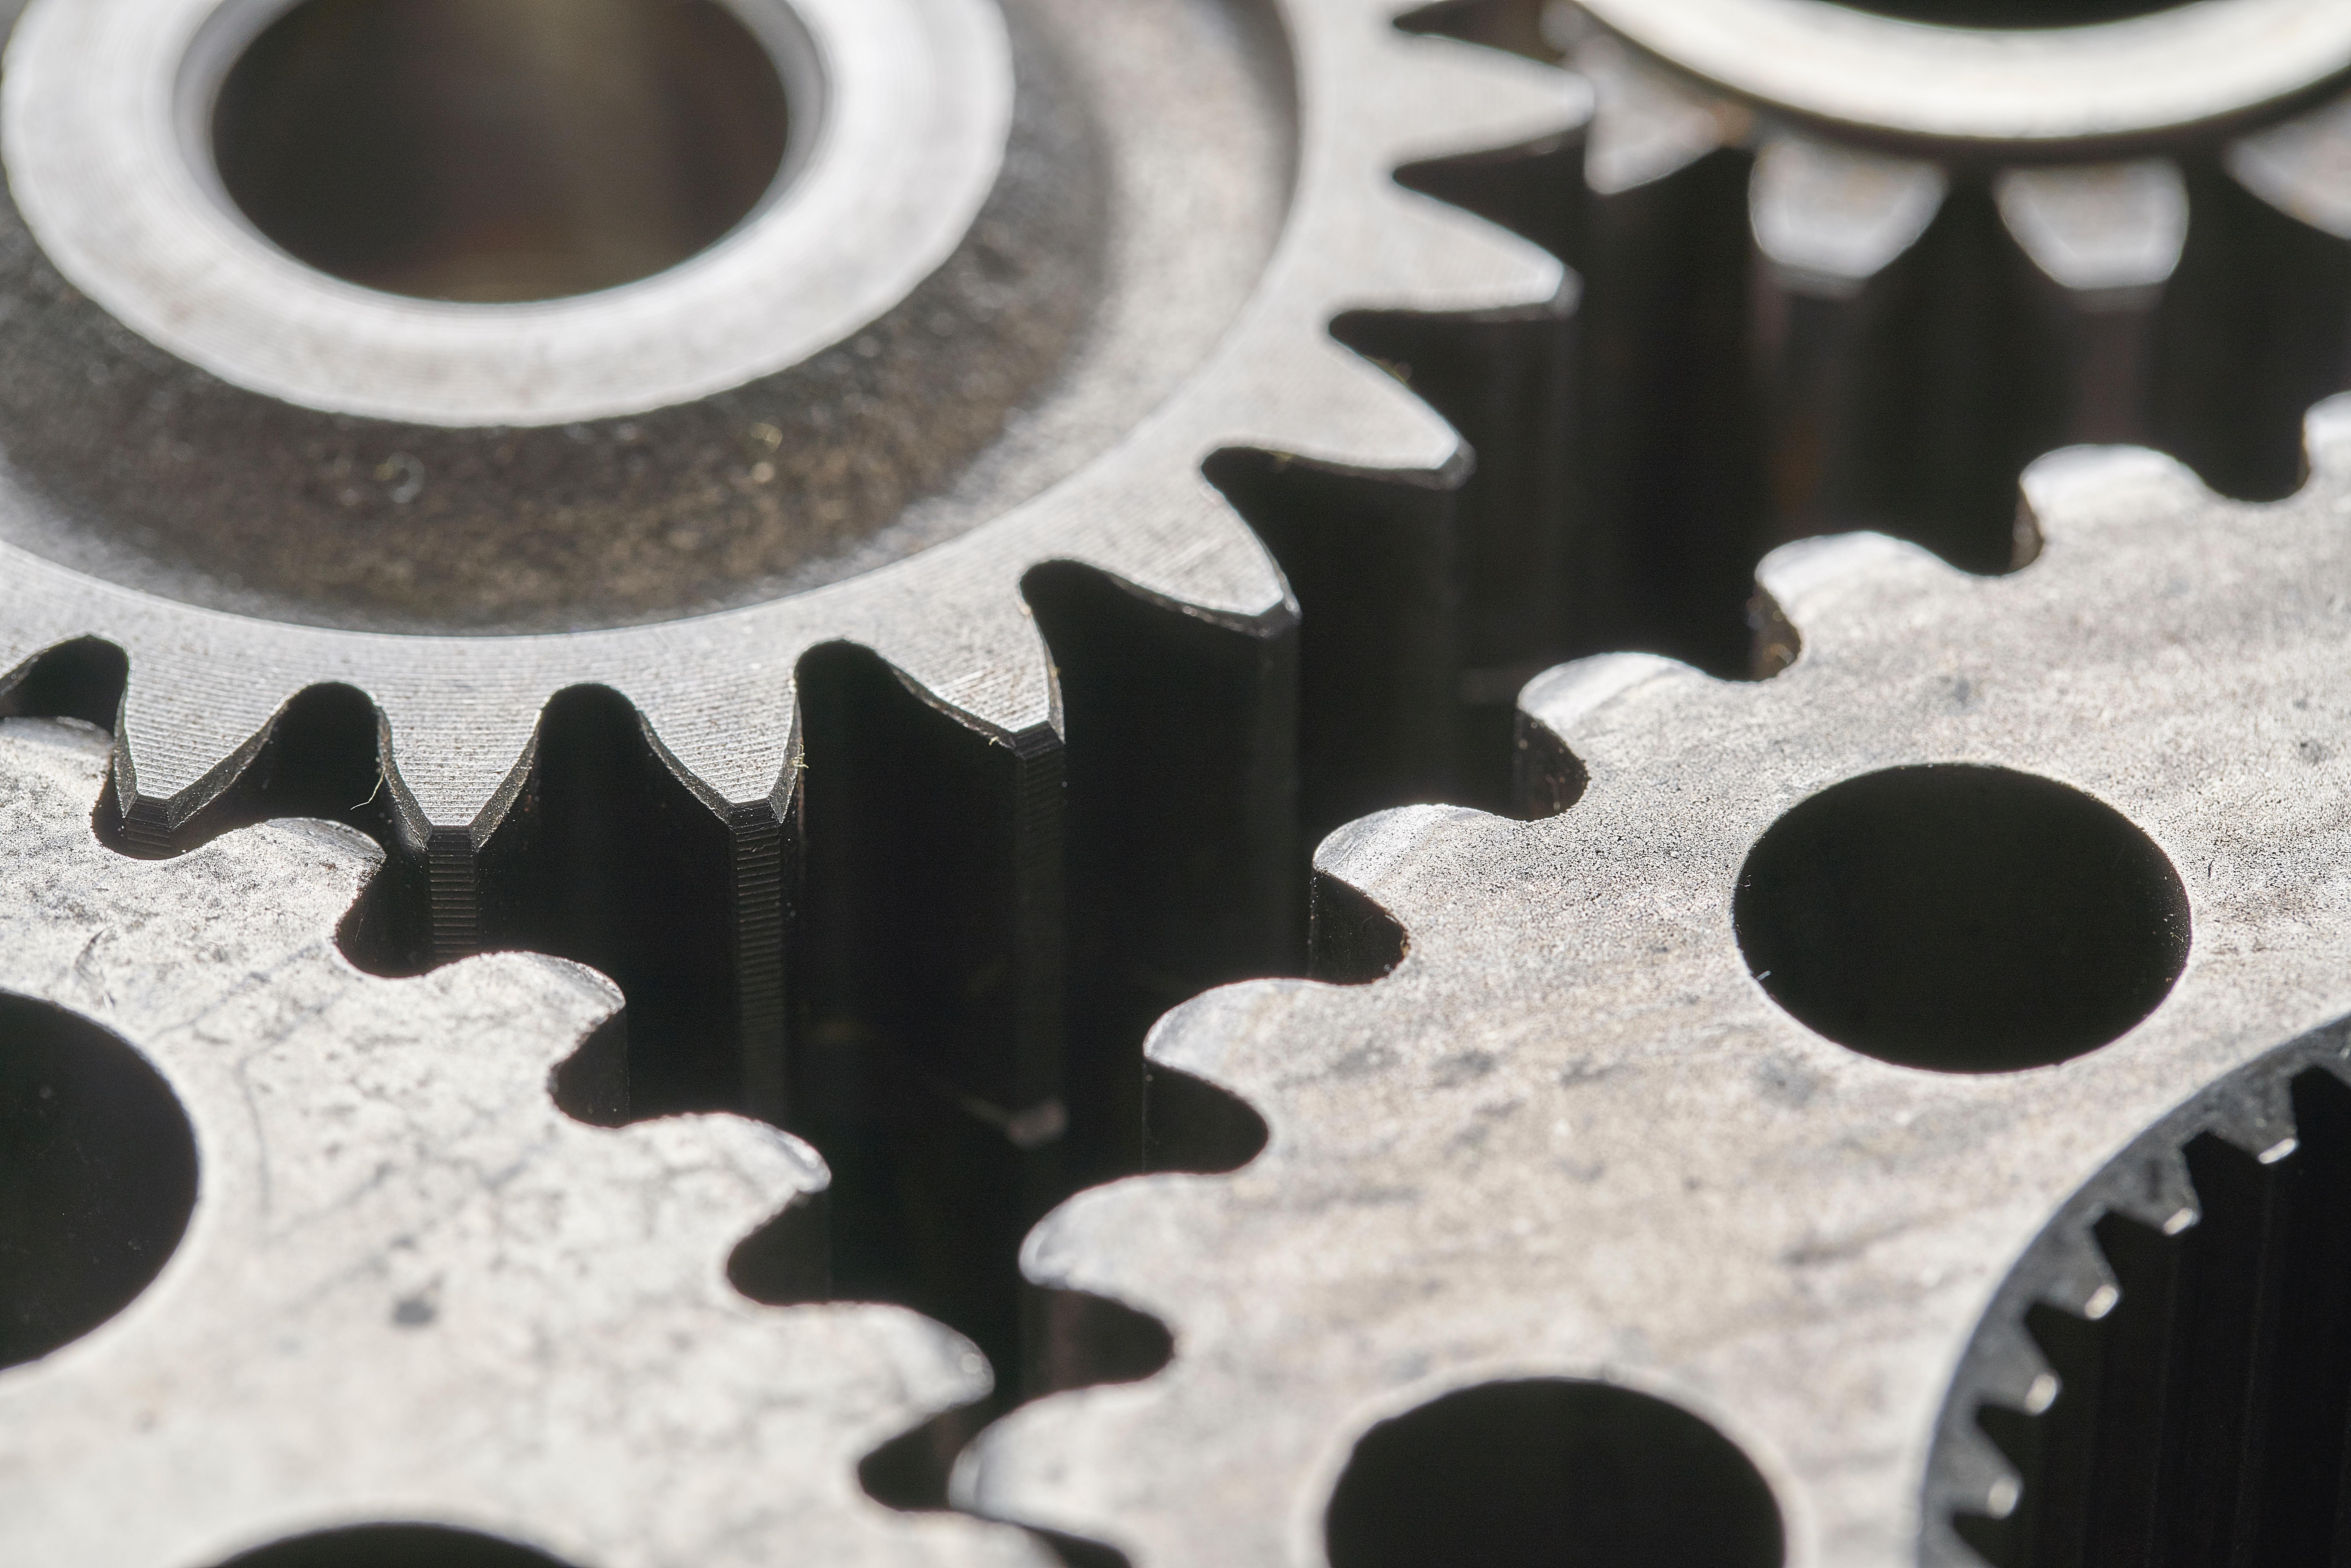 industrial metal gears